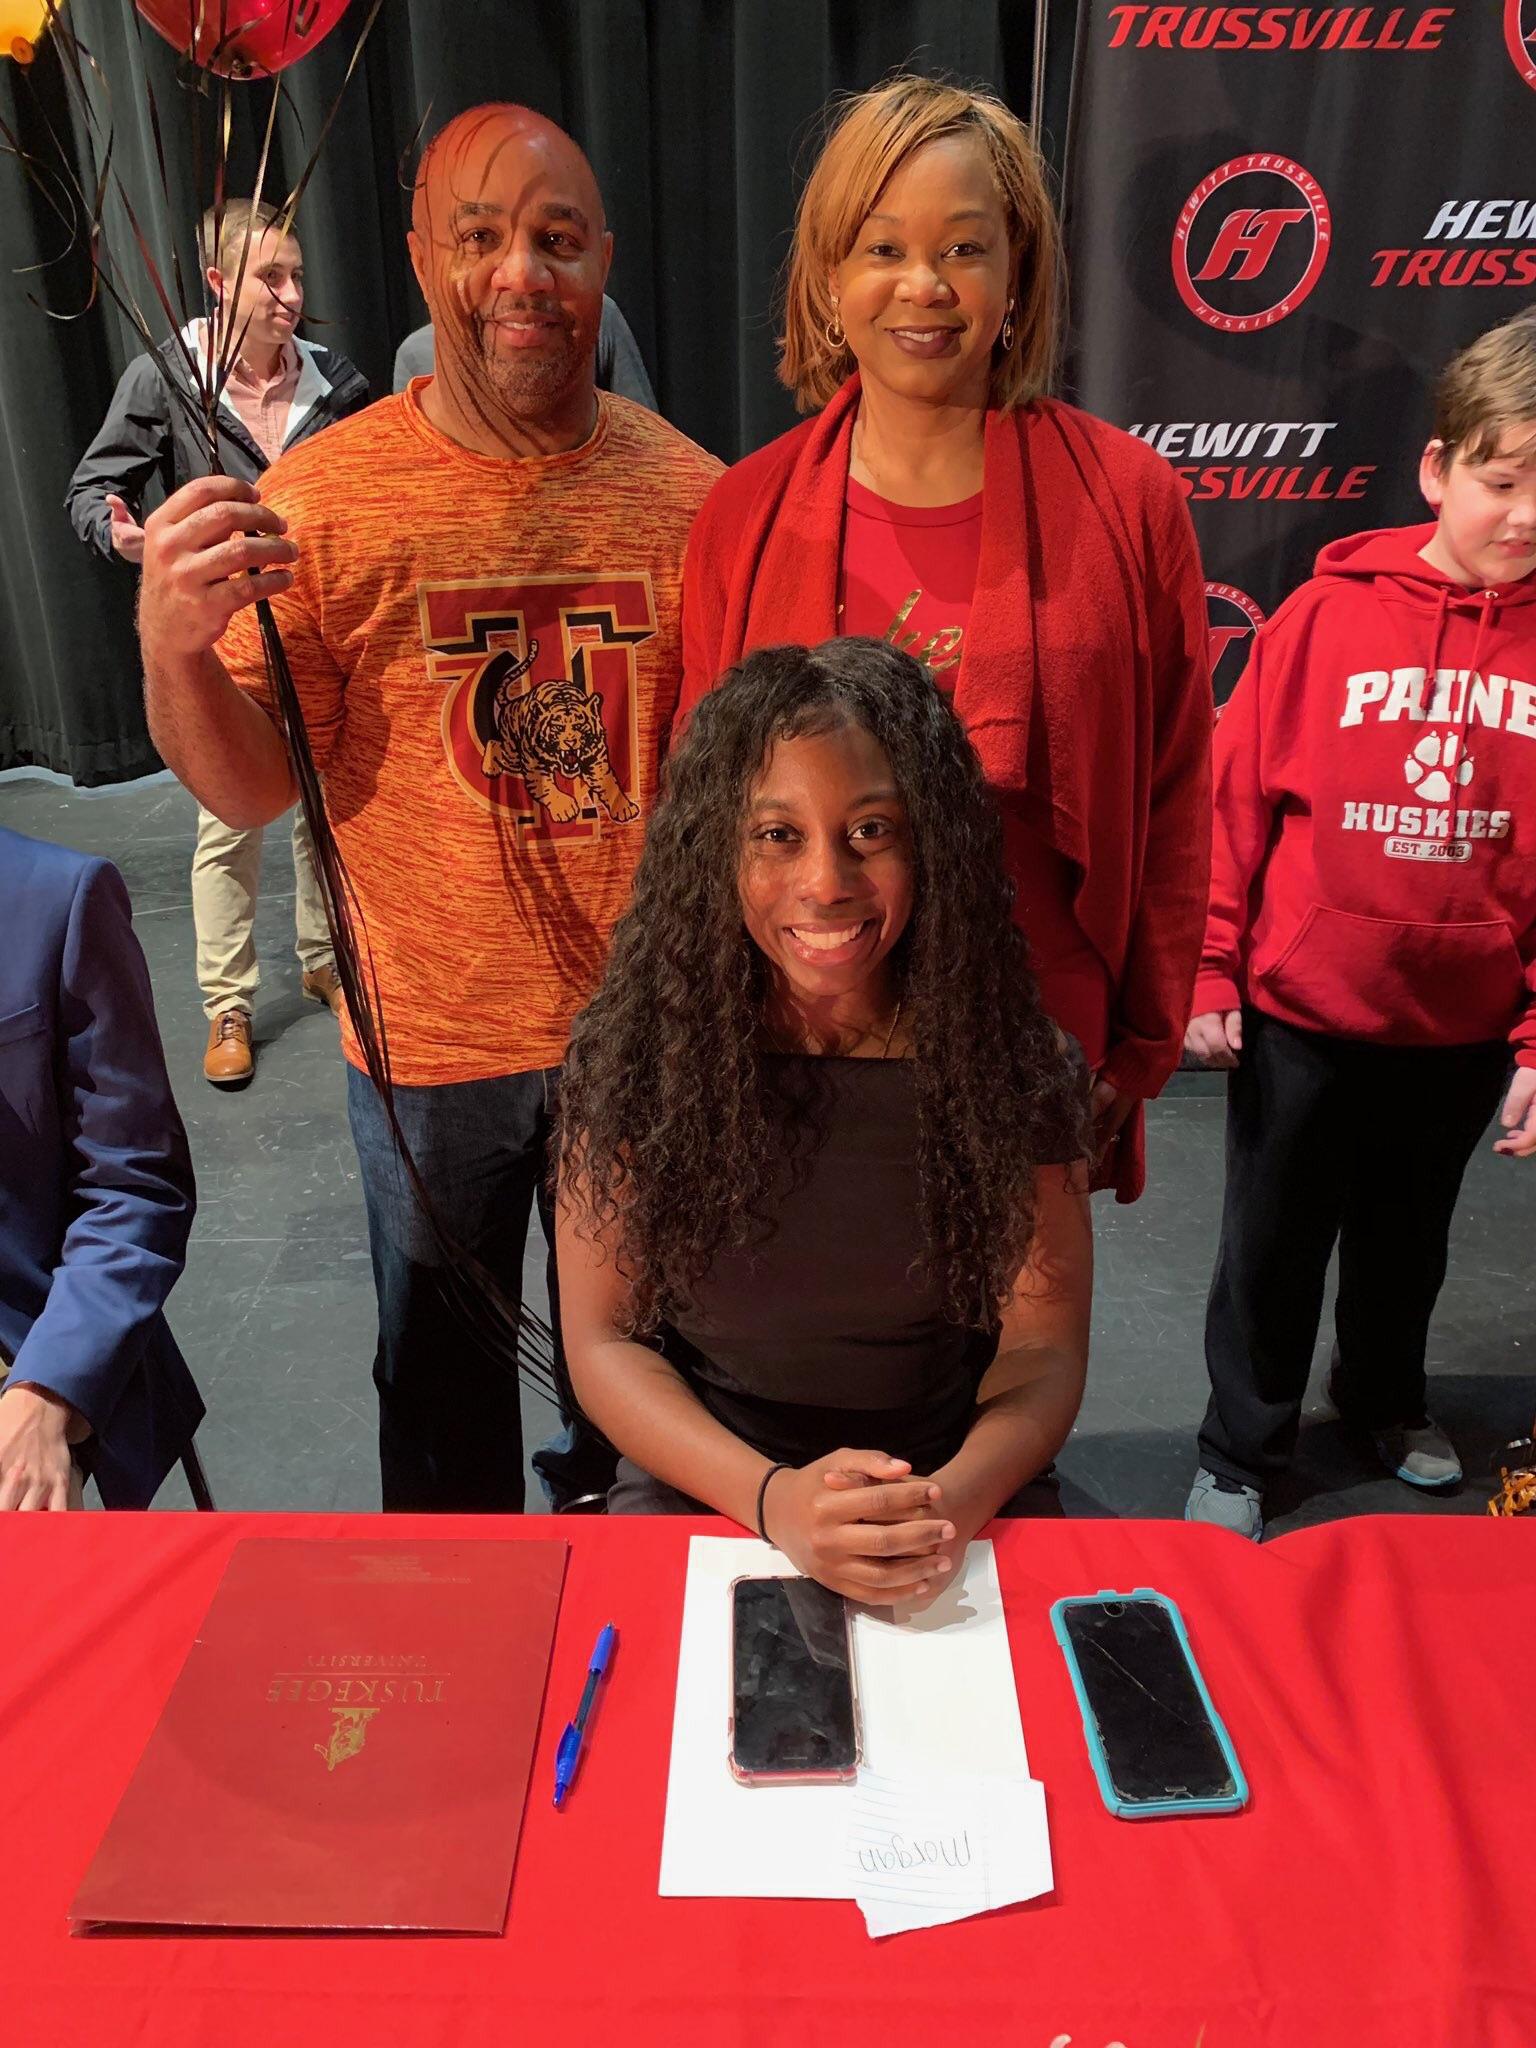 Huskies' Morgan Kirk signs with Tuskegee University